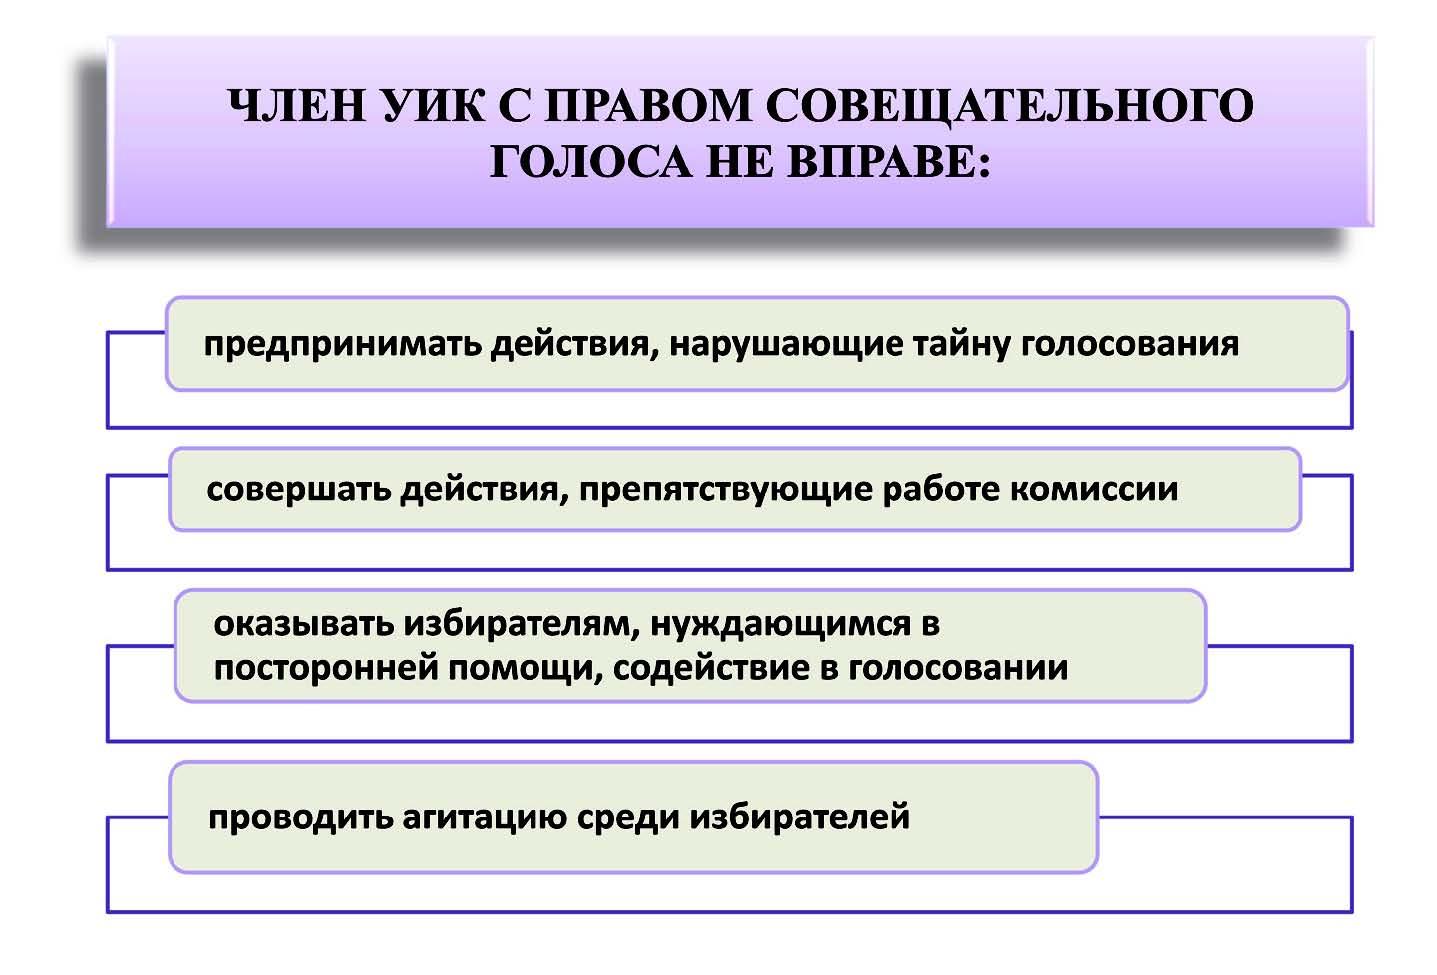 онлайн порно в российской армии